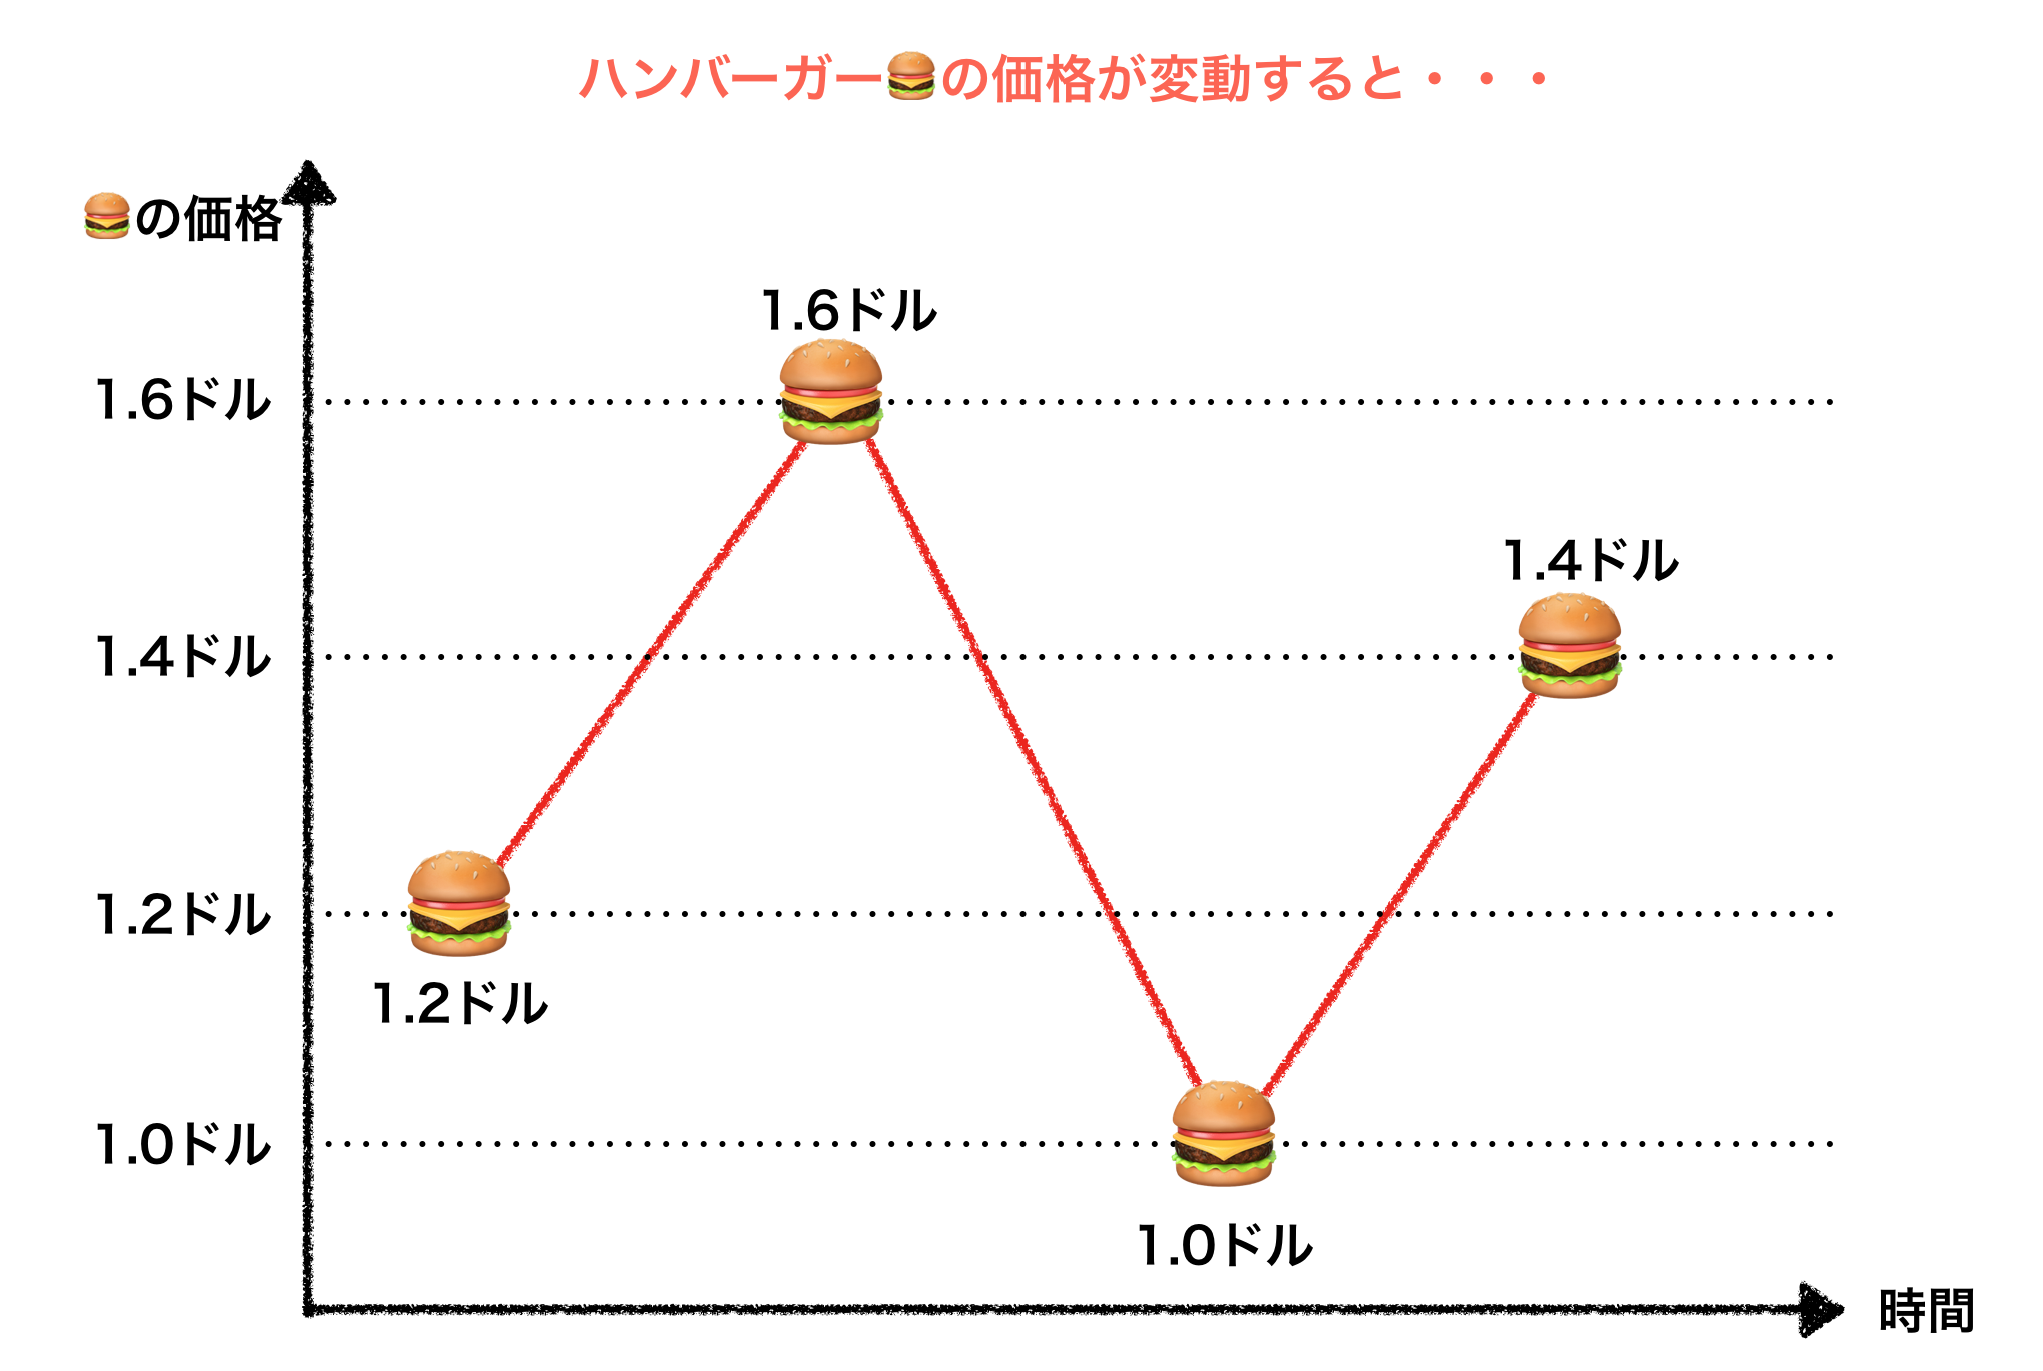 ハンバーガーの値段が変わるパターン